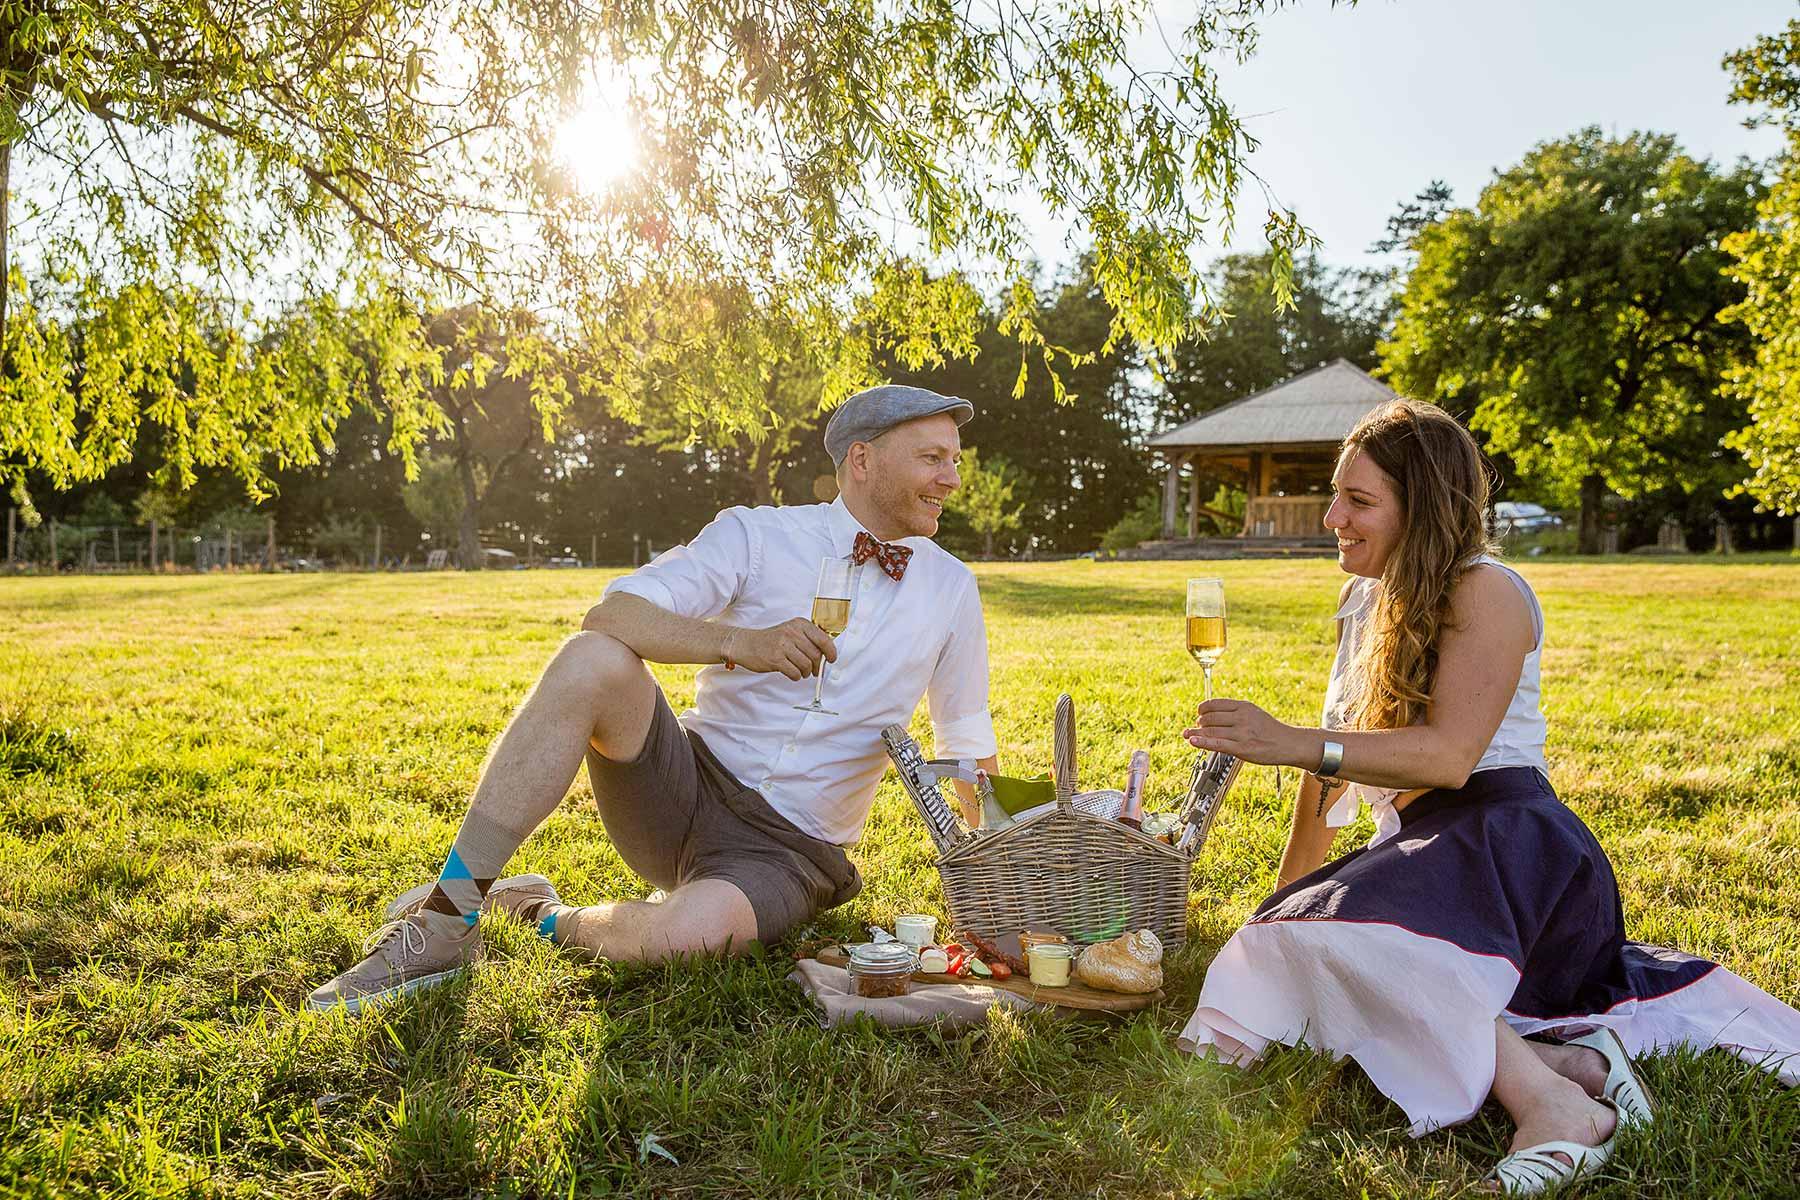 Picknick Pärchen Mirli Wiese